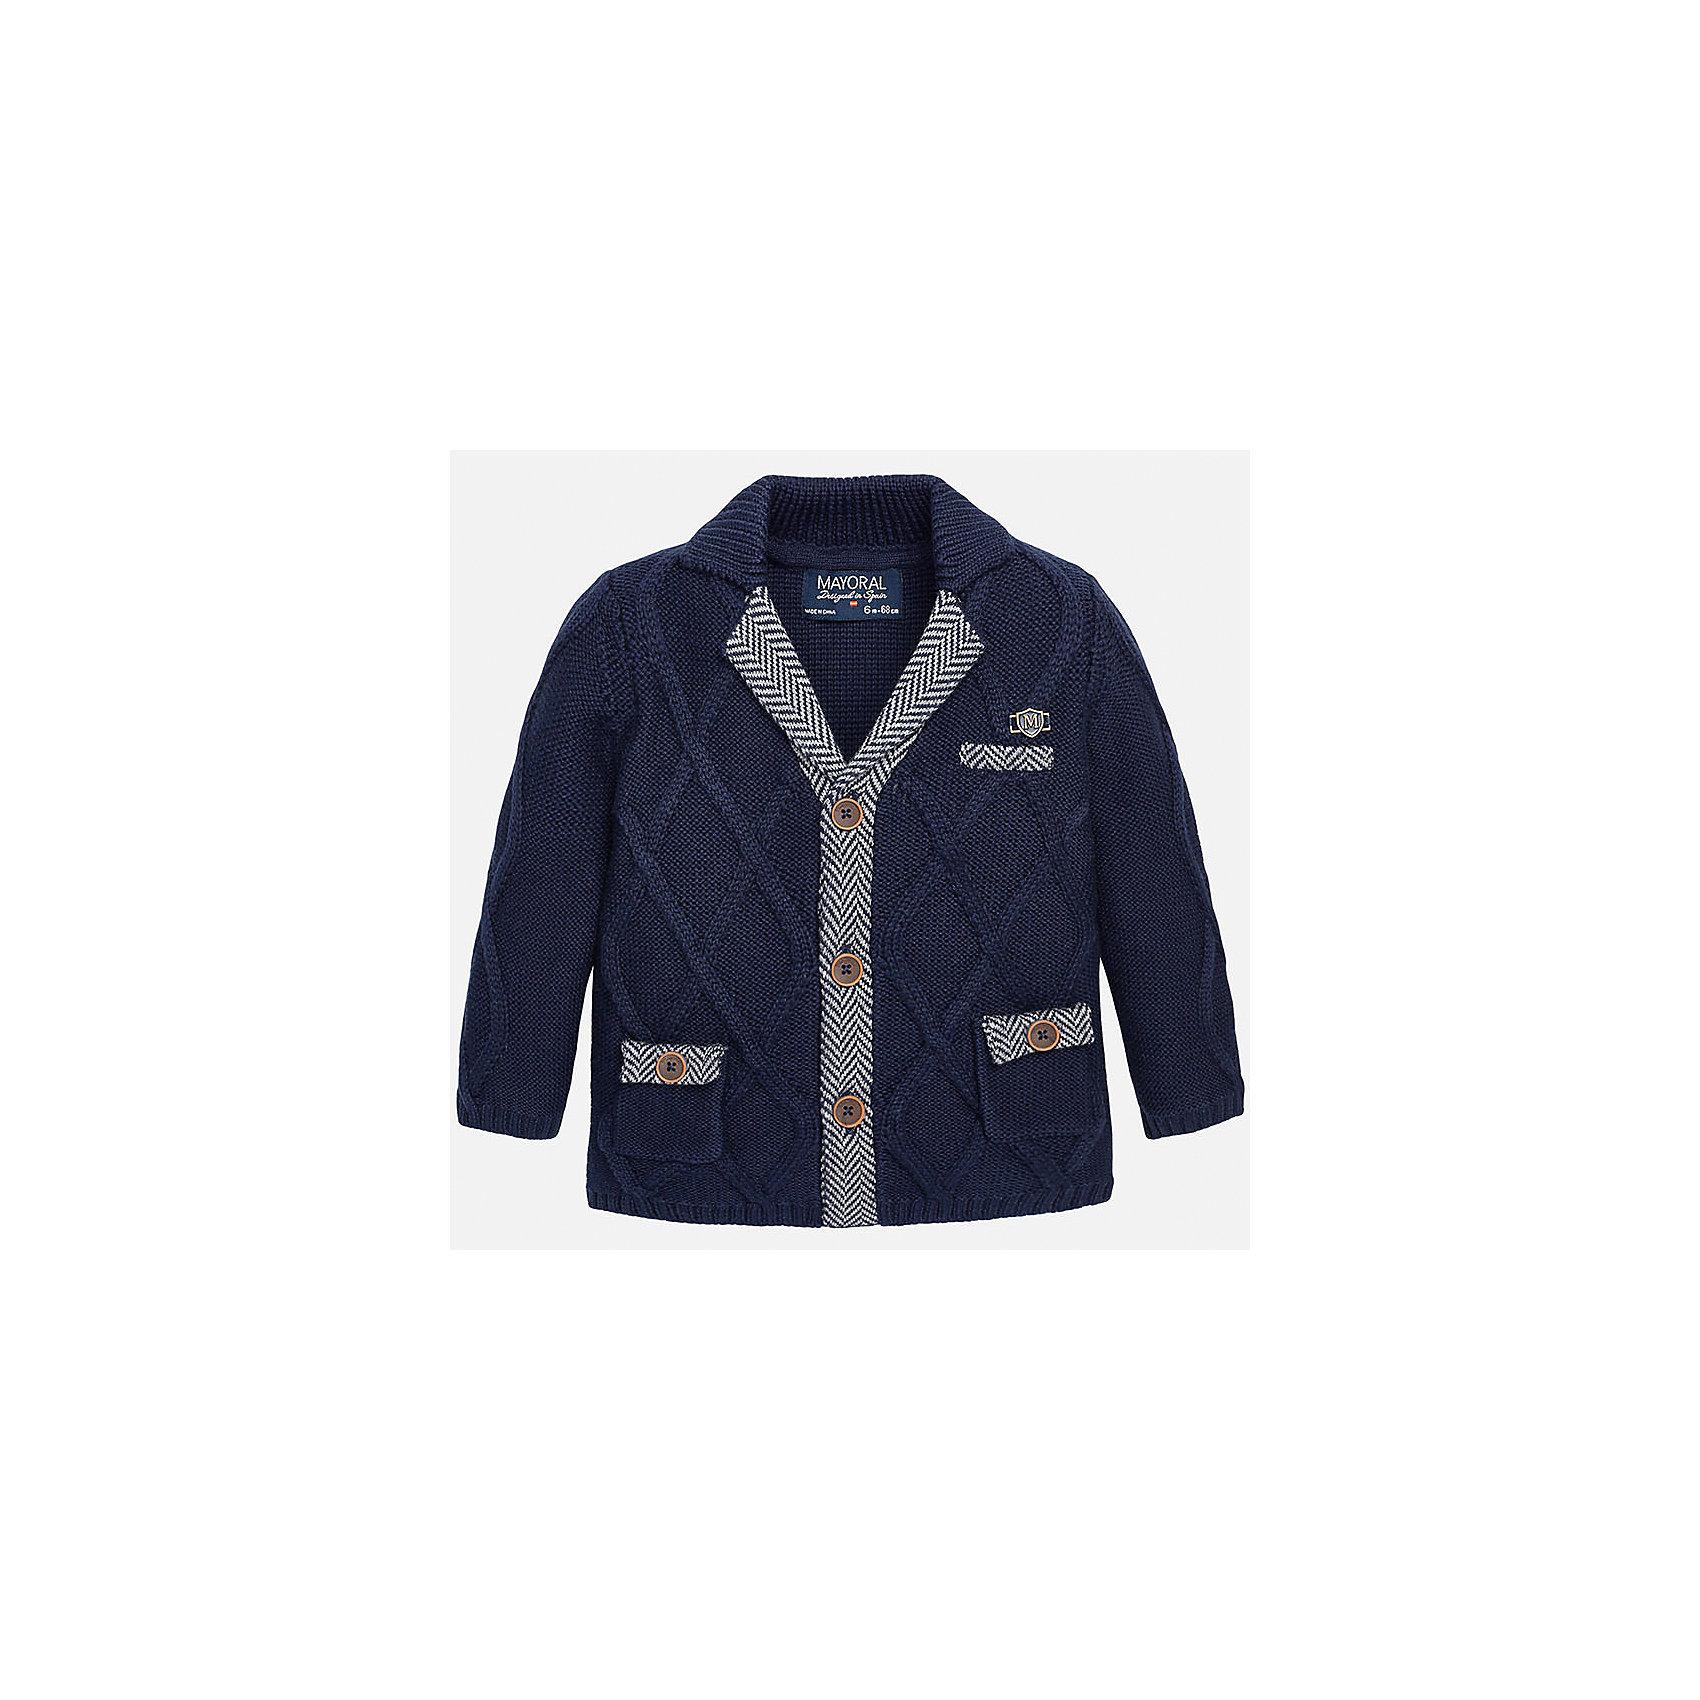 Пиджак для мальчика MayoralВязаный пиджак для мальчика от известного испанского бренда Mayoral. Пиджак застегивается на пуговицы, есть 3 декоративных кармана. Вязаный пиджак с оригинальным дизайном прекрасно подойдет для вашего ребенка.<br>Дополнительная информация:<br>-прямой силуэт<br>-длинные рукава<br>-застегивается на пуговицы<br>-3 декоративных кармана<br>-цвет: синий<br>-эмблема фирмы на груди<br>-состав: 50% хлопок, 50% акрил<br>Пиджак Mayoral можно приобрести в нашем интернет-магазине.<br><br>Ширина мм: 356<br>Глубина мм: 10<br>Высота мм: 245<br>Вес г: 519<br>Цвет: синий<br>Возраст от месяцев: 12<br>Возраст до месяцев: 15<br>Пол: Мужской<br>Возраст: Детский<br>Размер: 80,86,92<br>SKU: 4820659